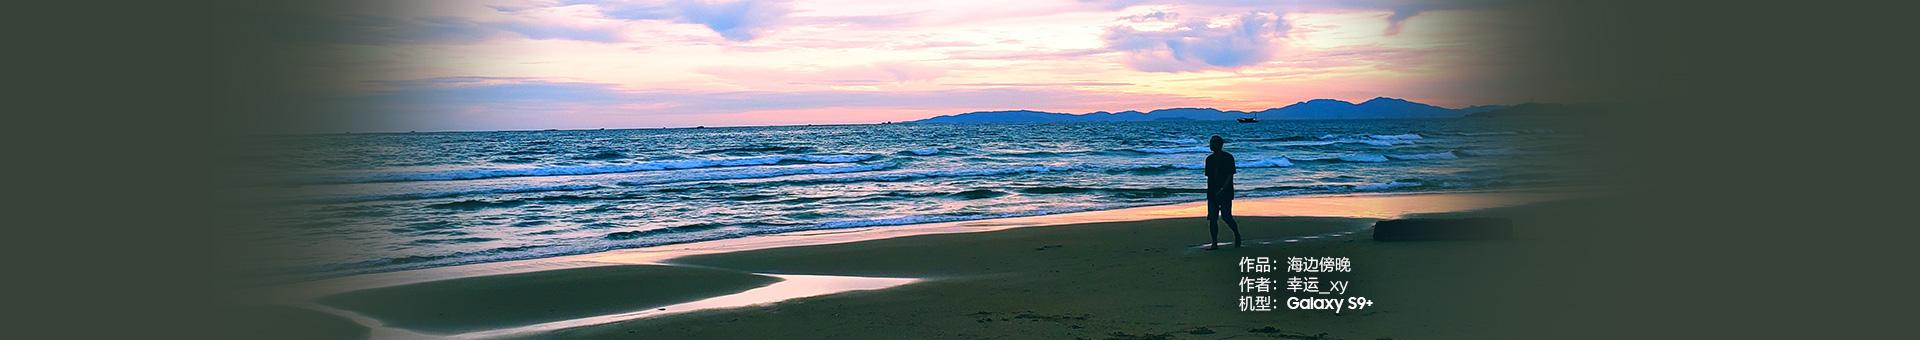 【你眼中的美景】+海边傍晚